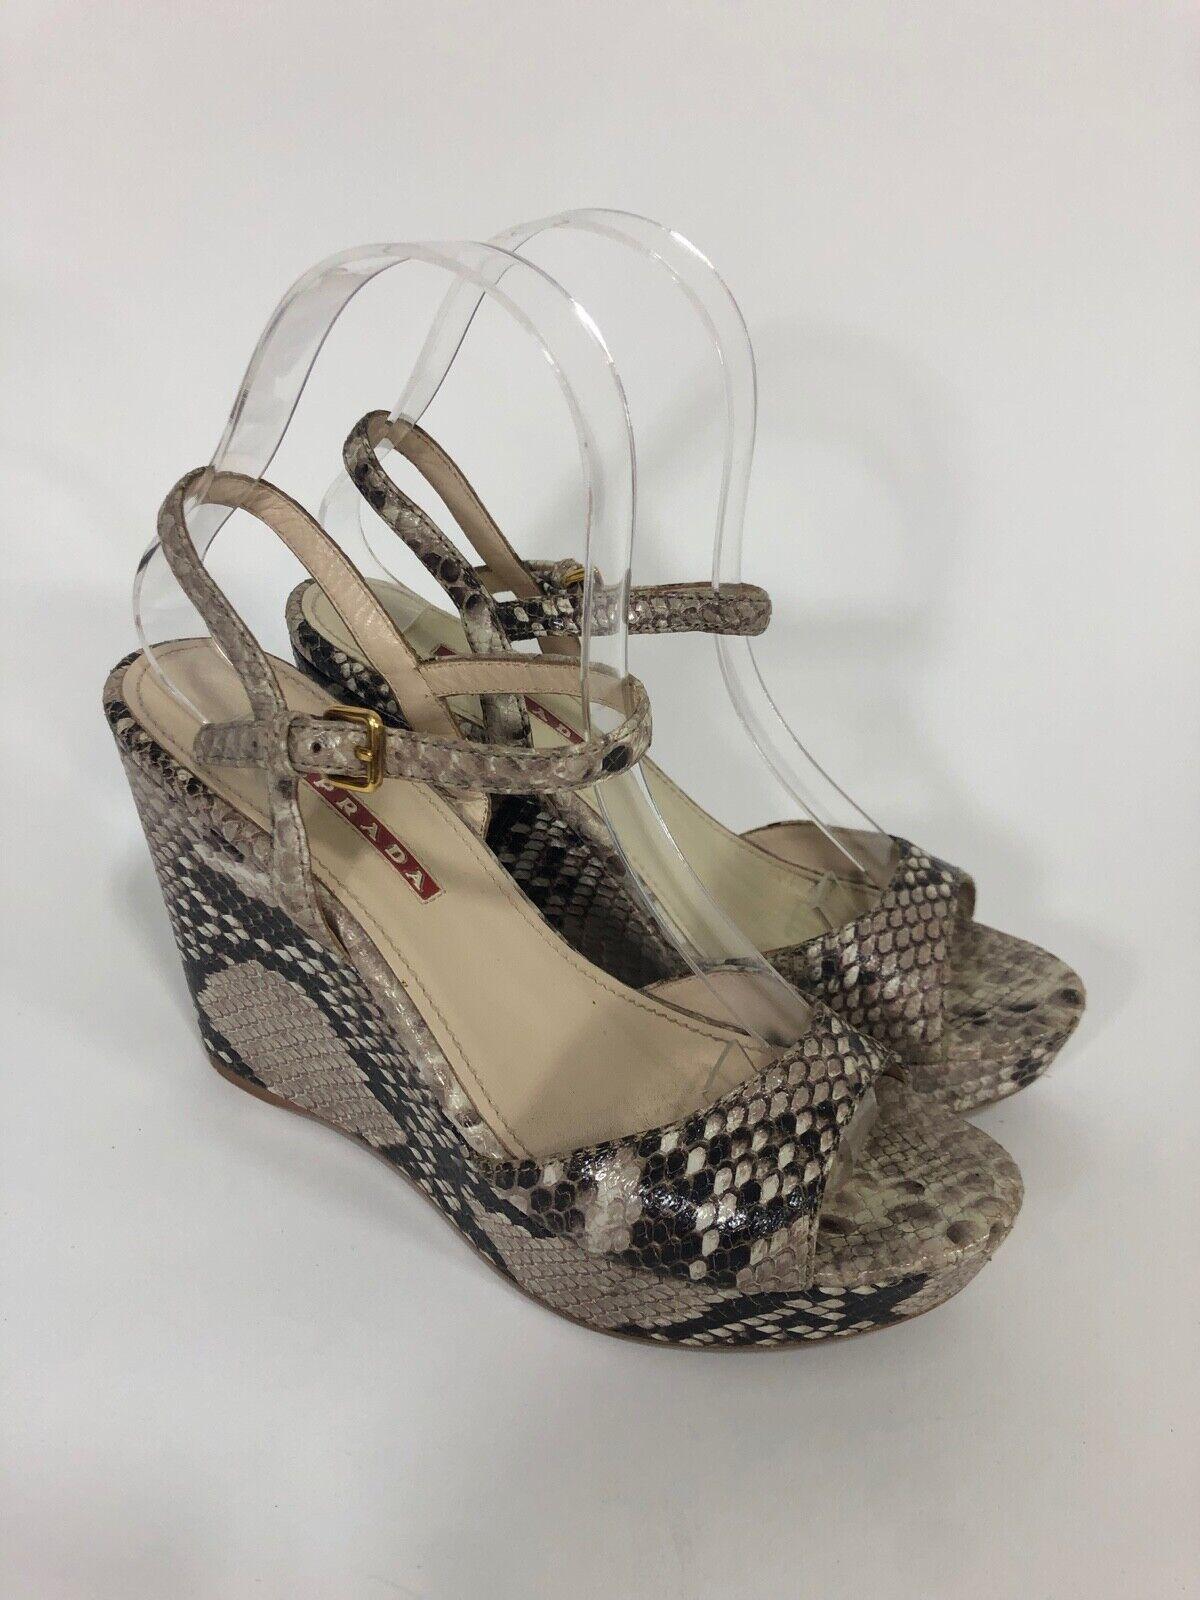 Prada Snakeskin  Wedge Sandals in Beige Dimensione 36  migliore qualità